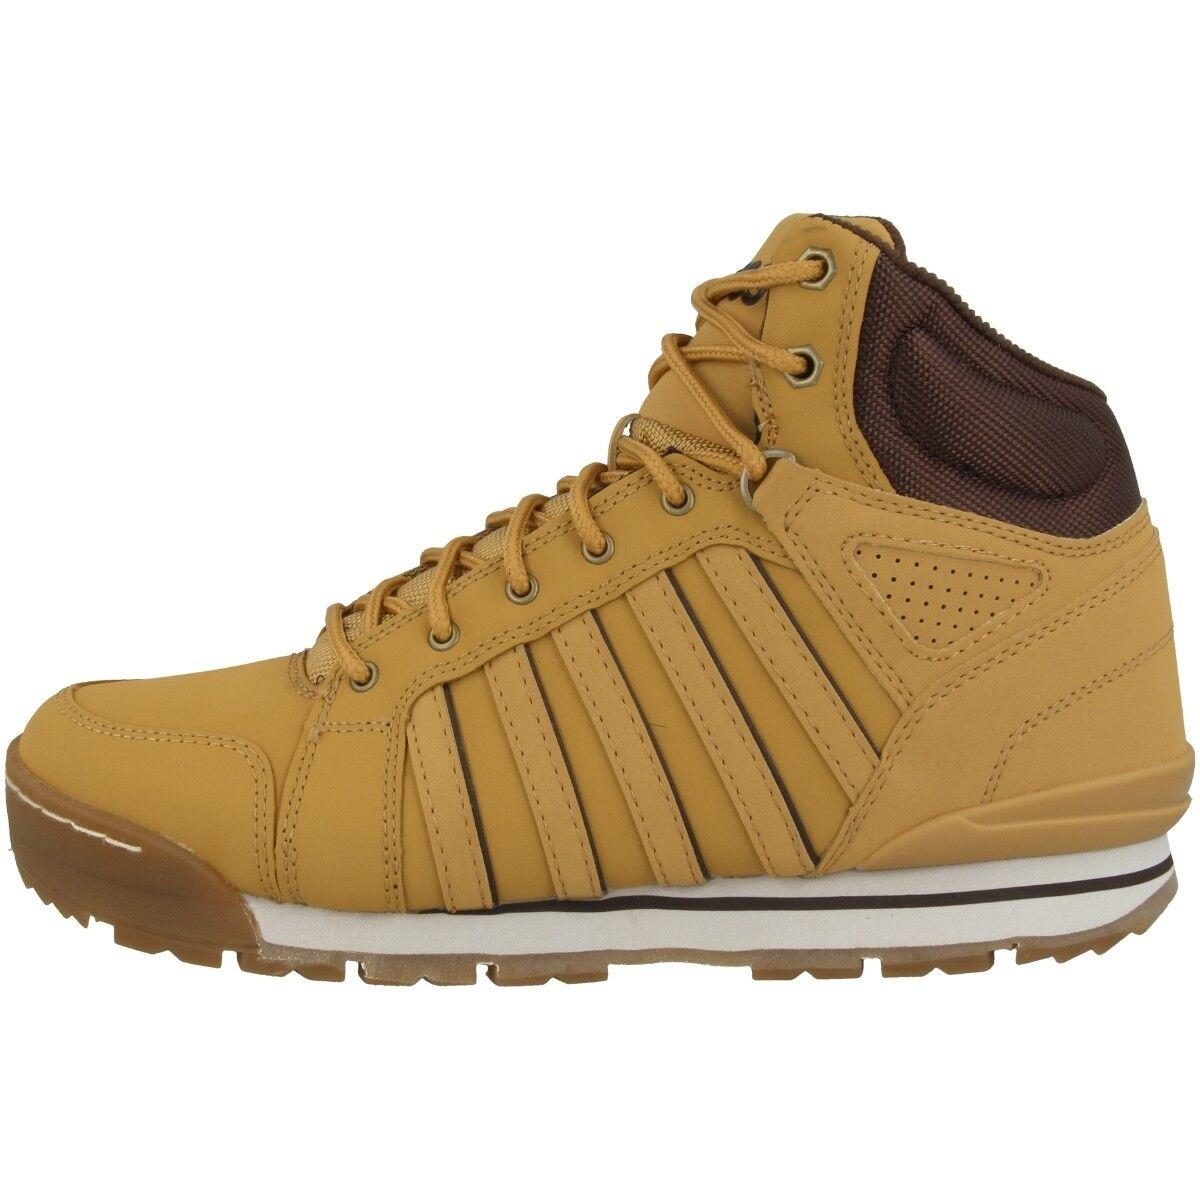 K-Swiss Norfolk SC Schuhe Herren Stiefel High High High Top Turnschuhe amber Gold 05677-721 fa0351